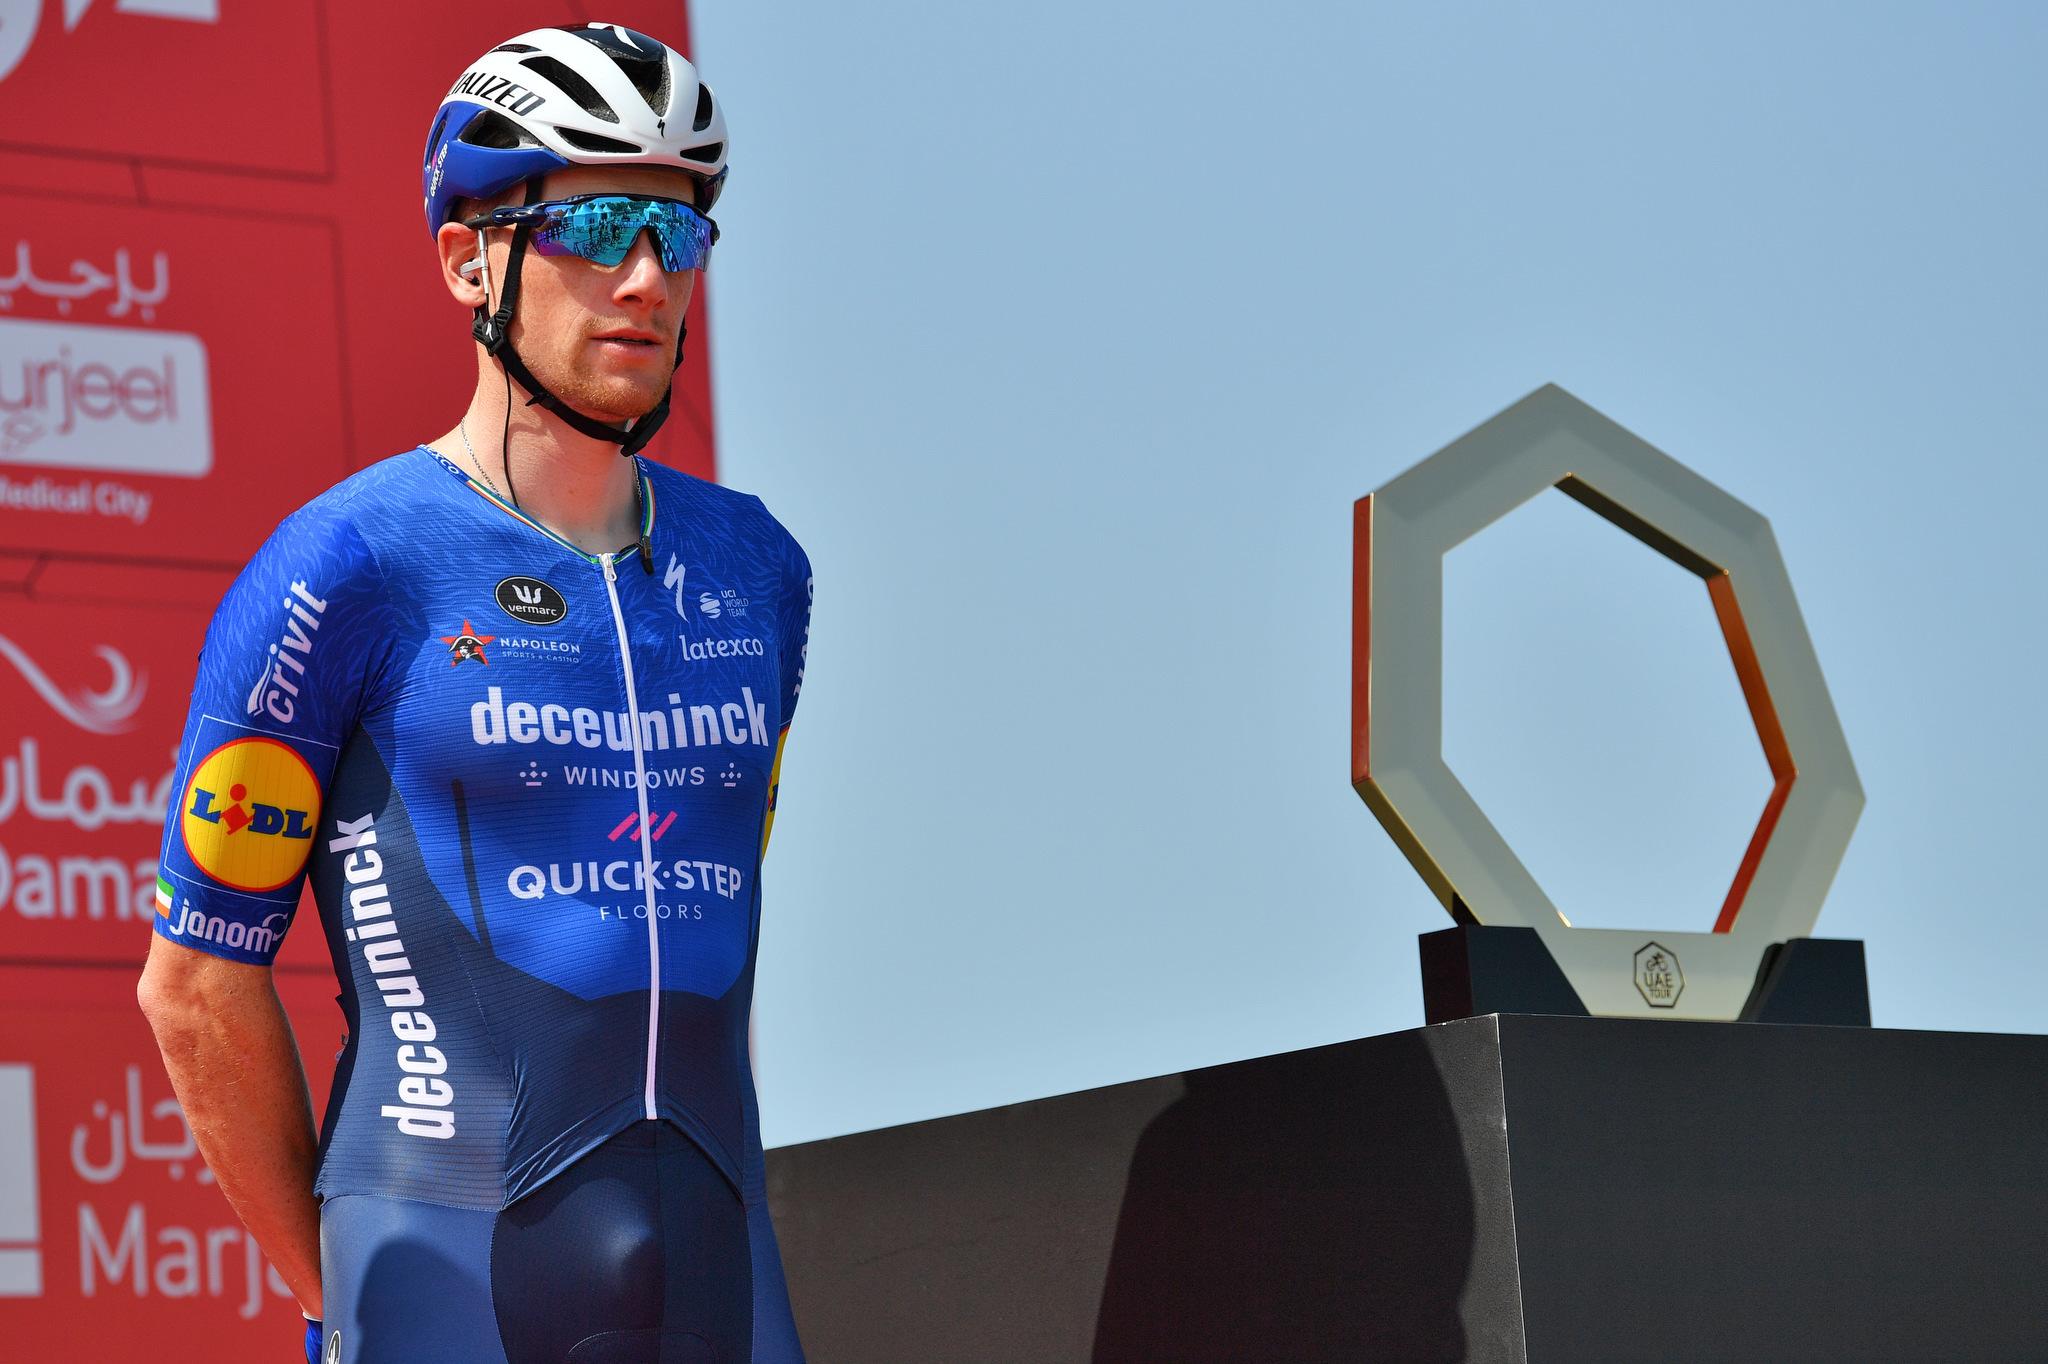 Resumen y clasificación tras la etapa 4 del Tour de Emiratos: Sam Bennett se lleva la cuarta etapa